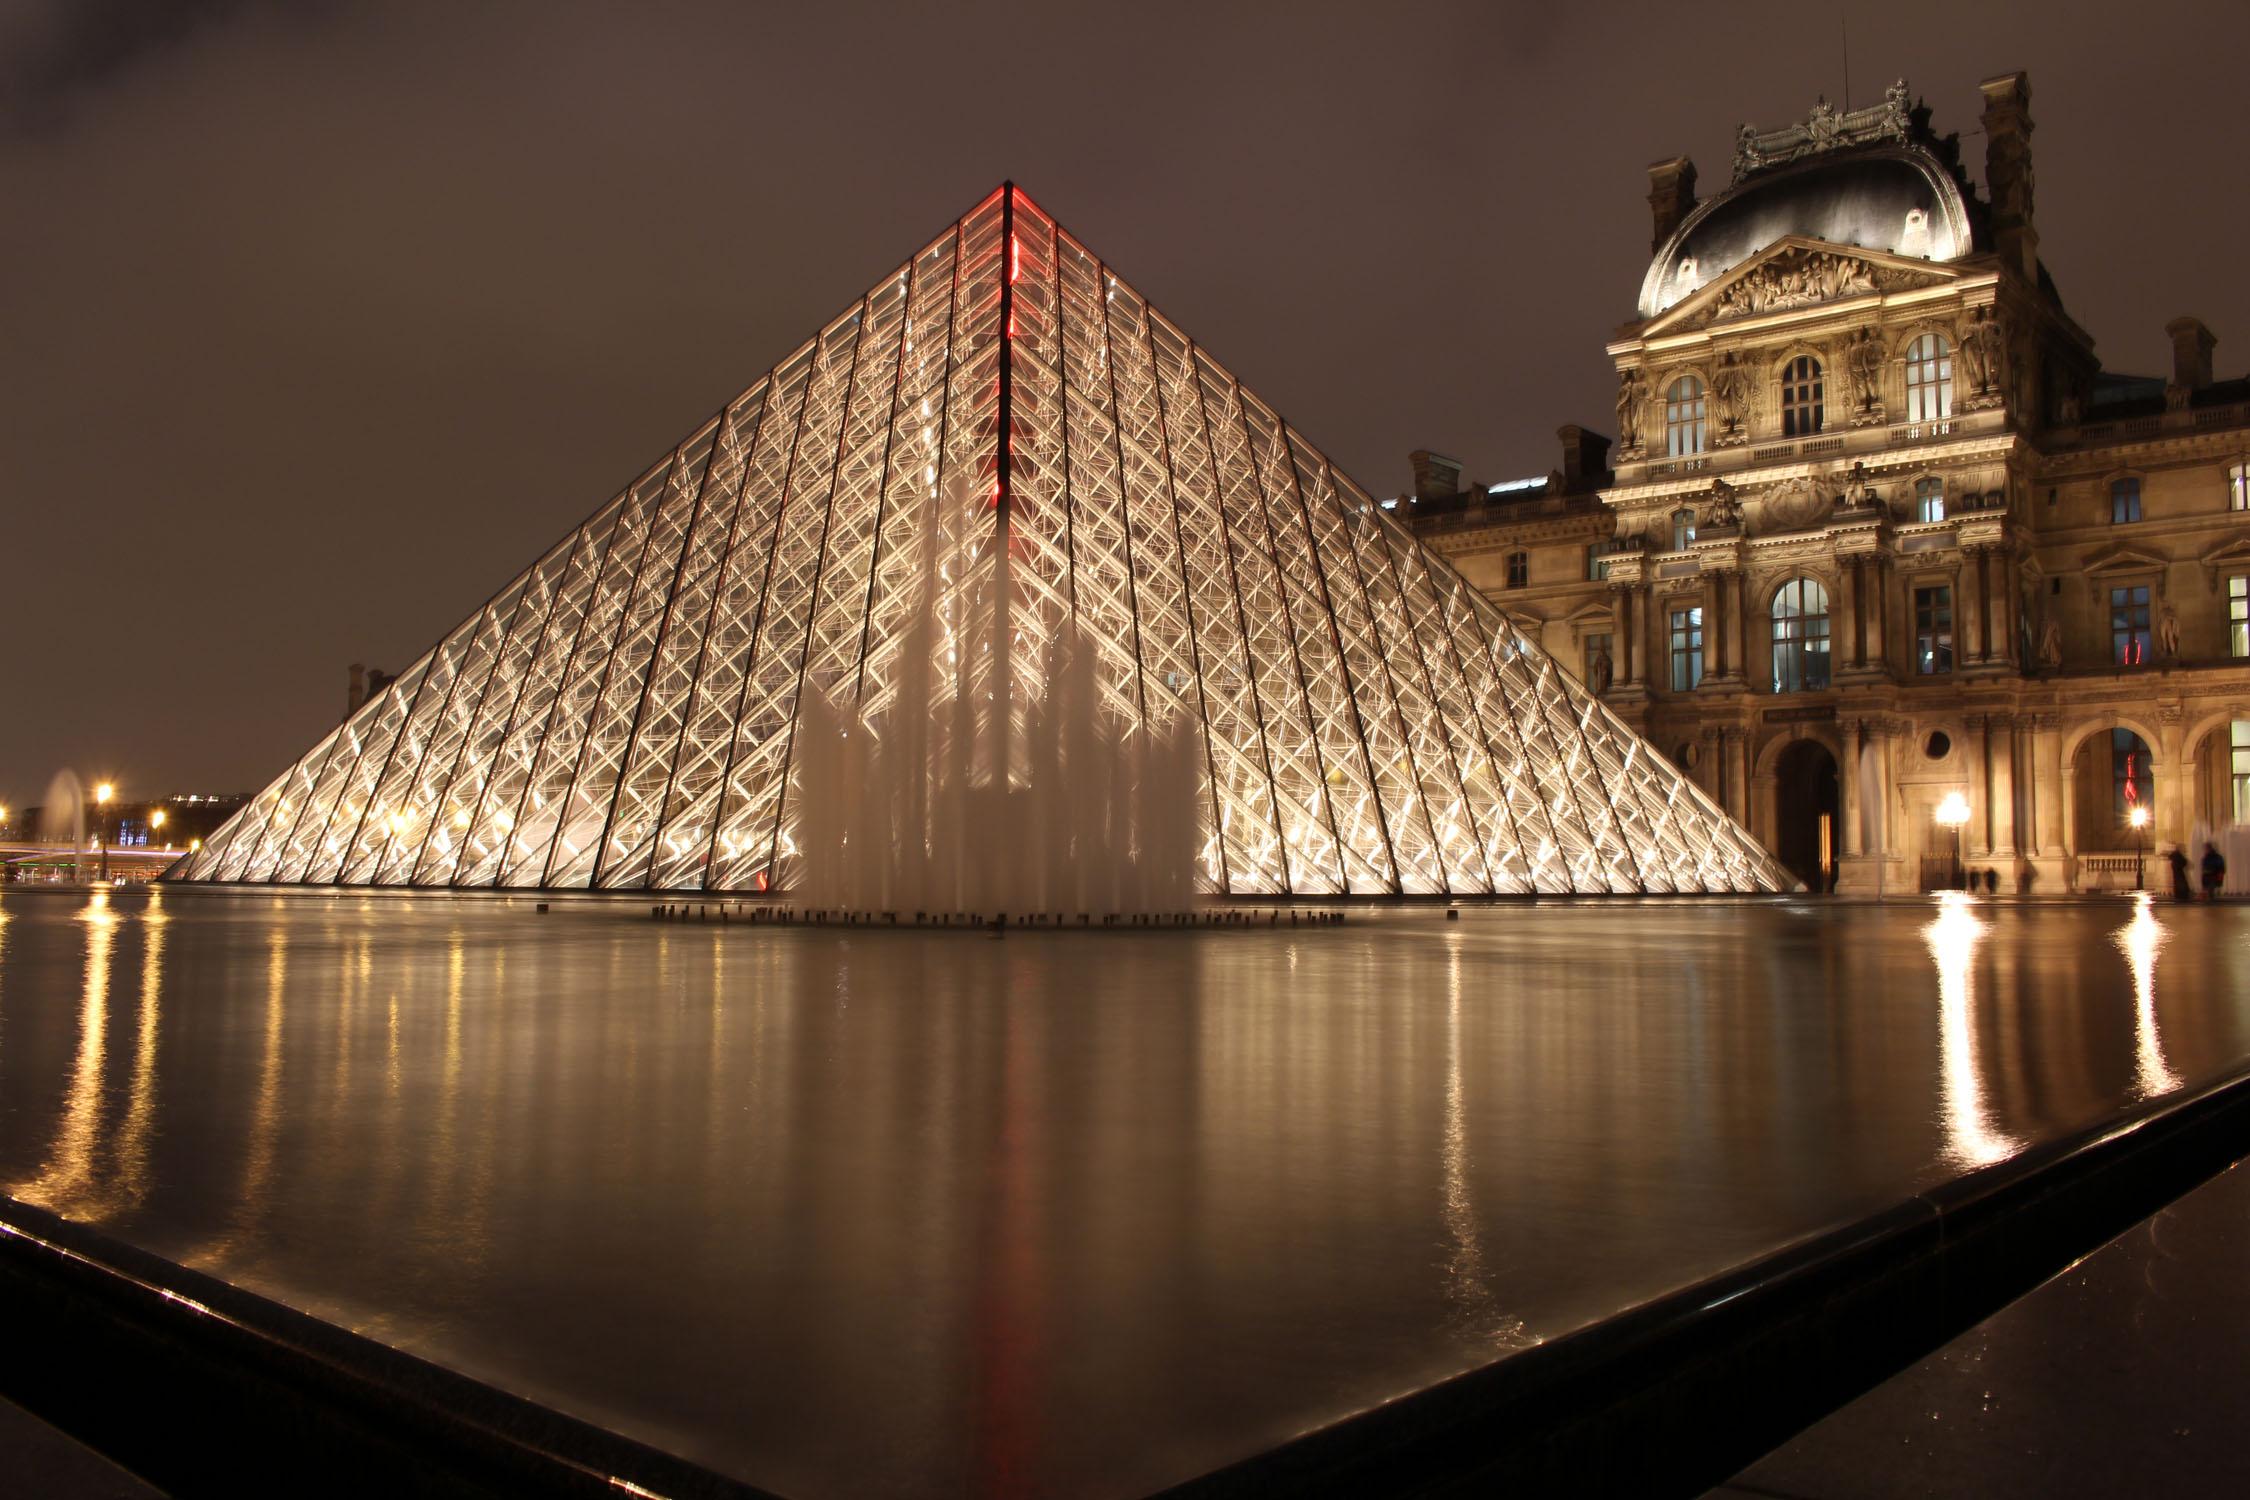 Pyramide du louvre nuit - Pyramide du louvre construction ...